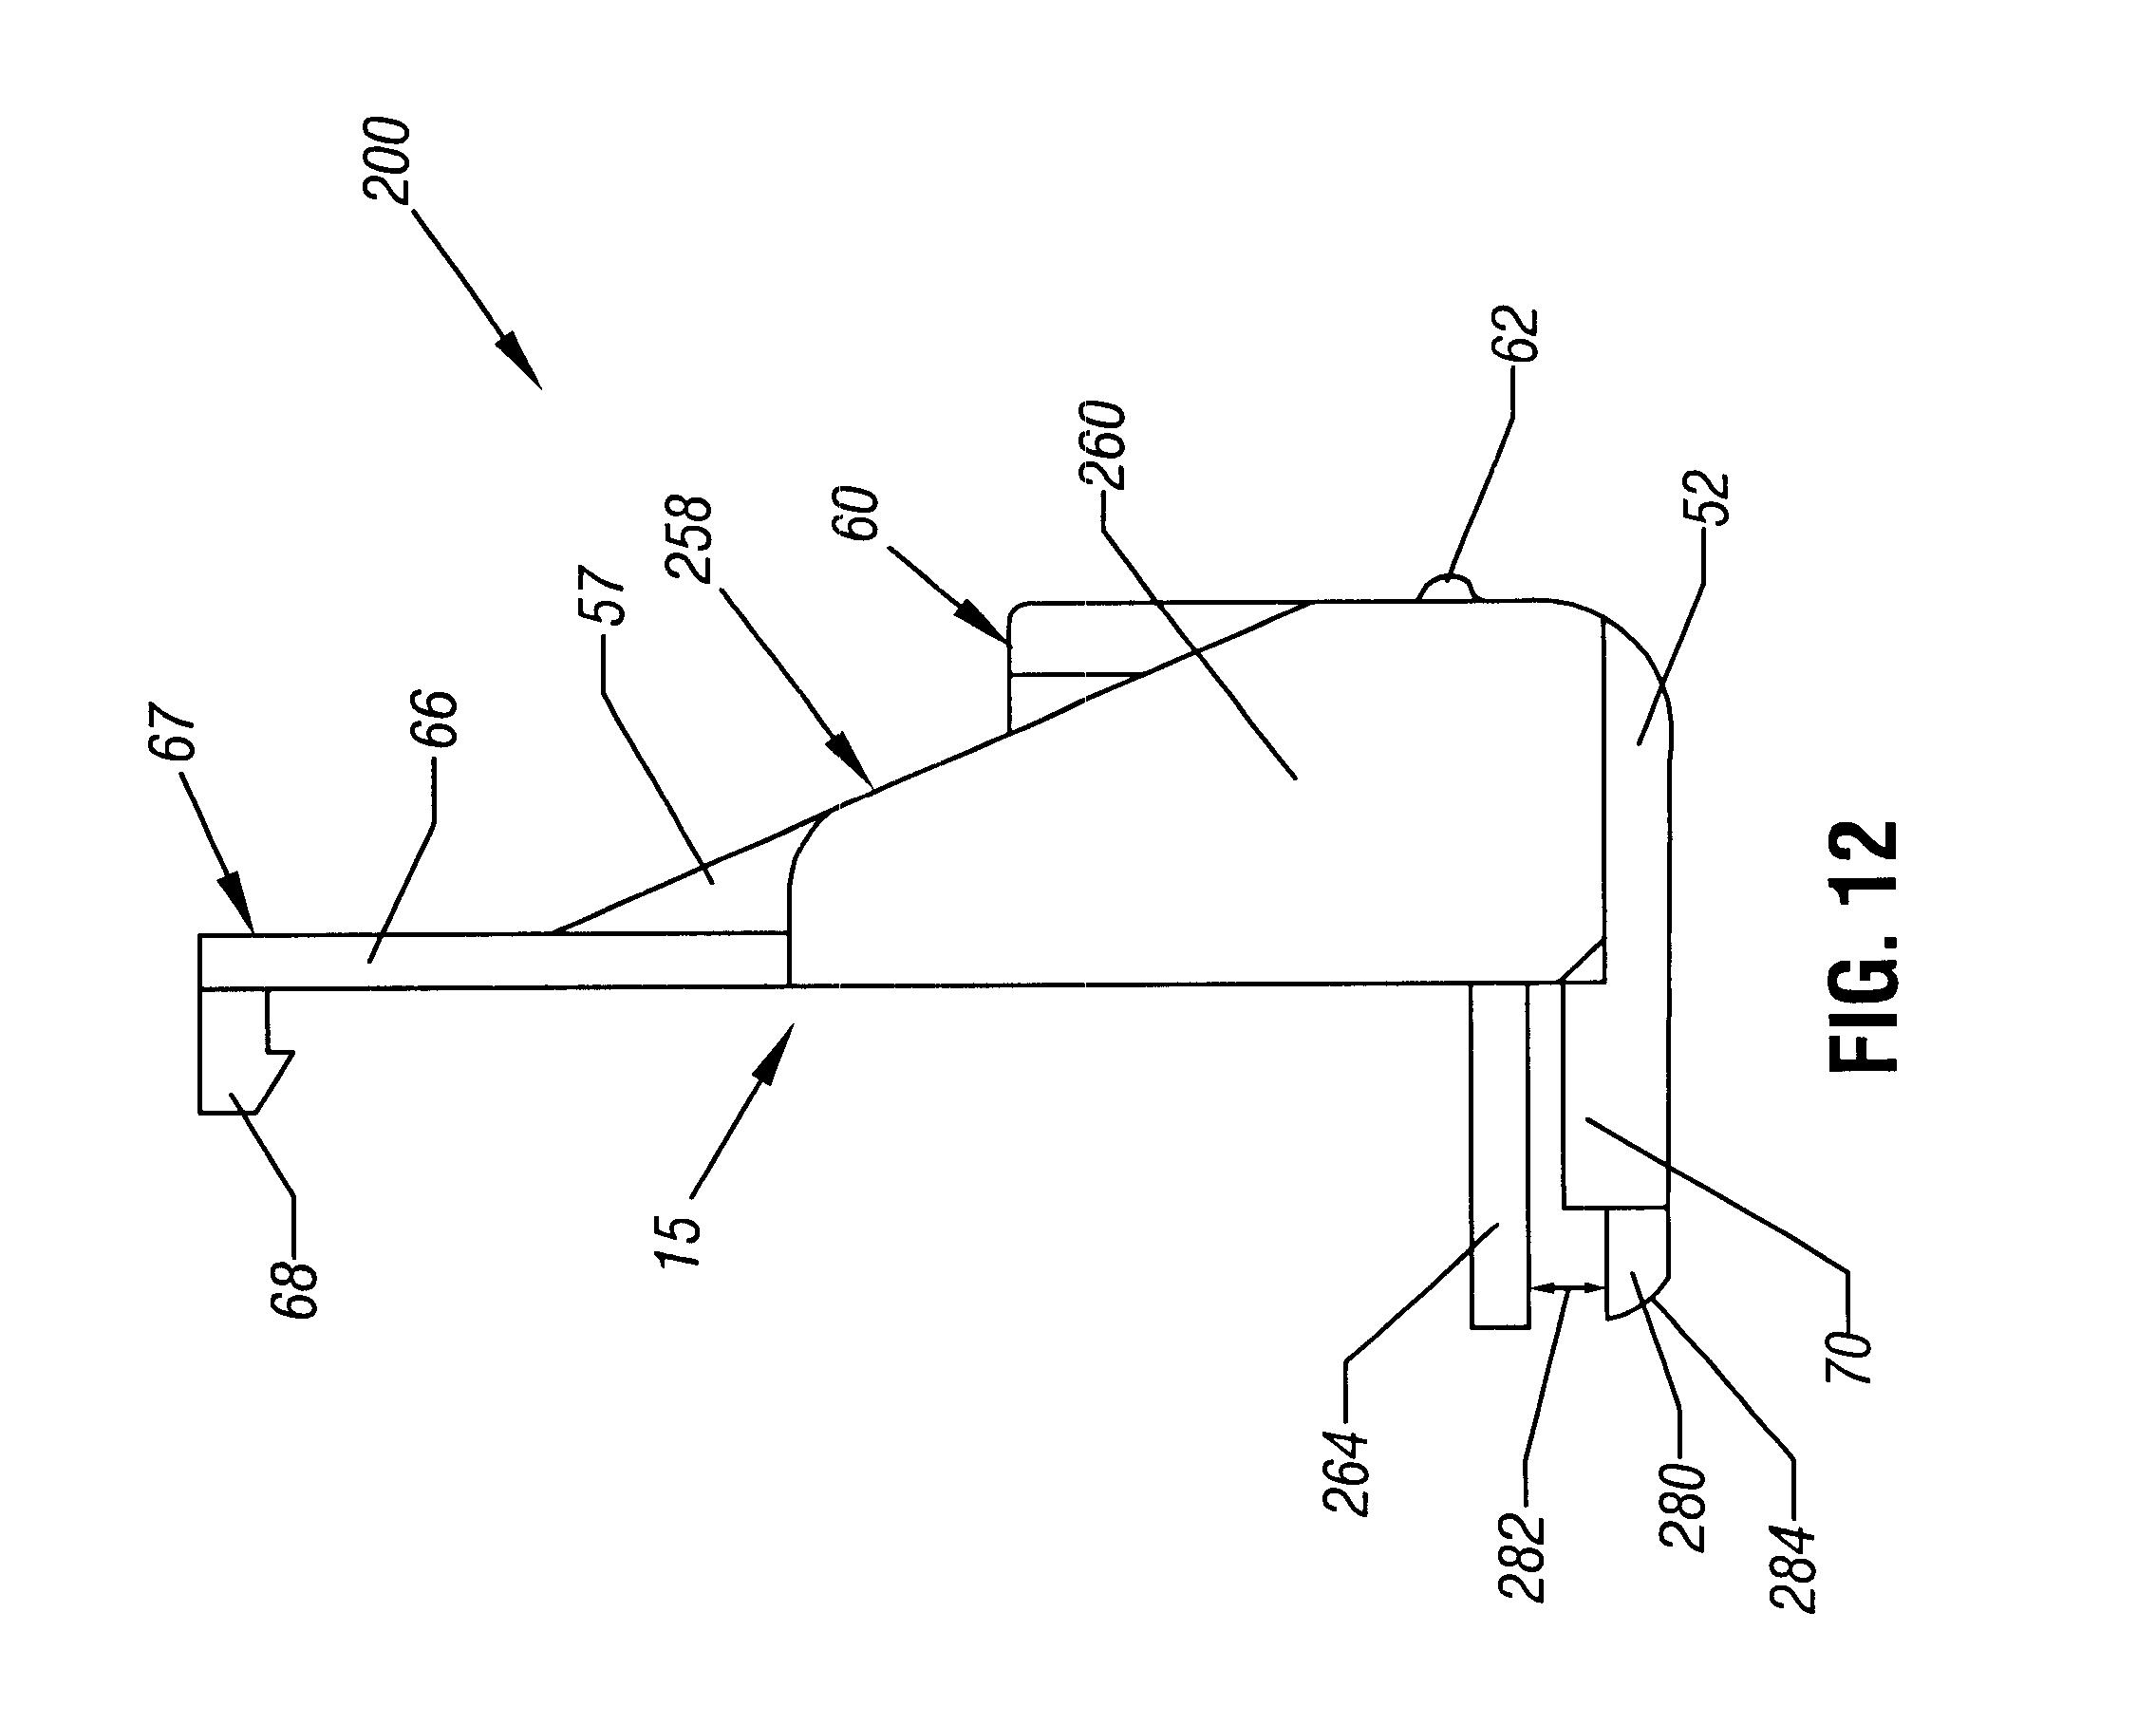 patent us6410176